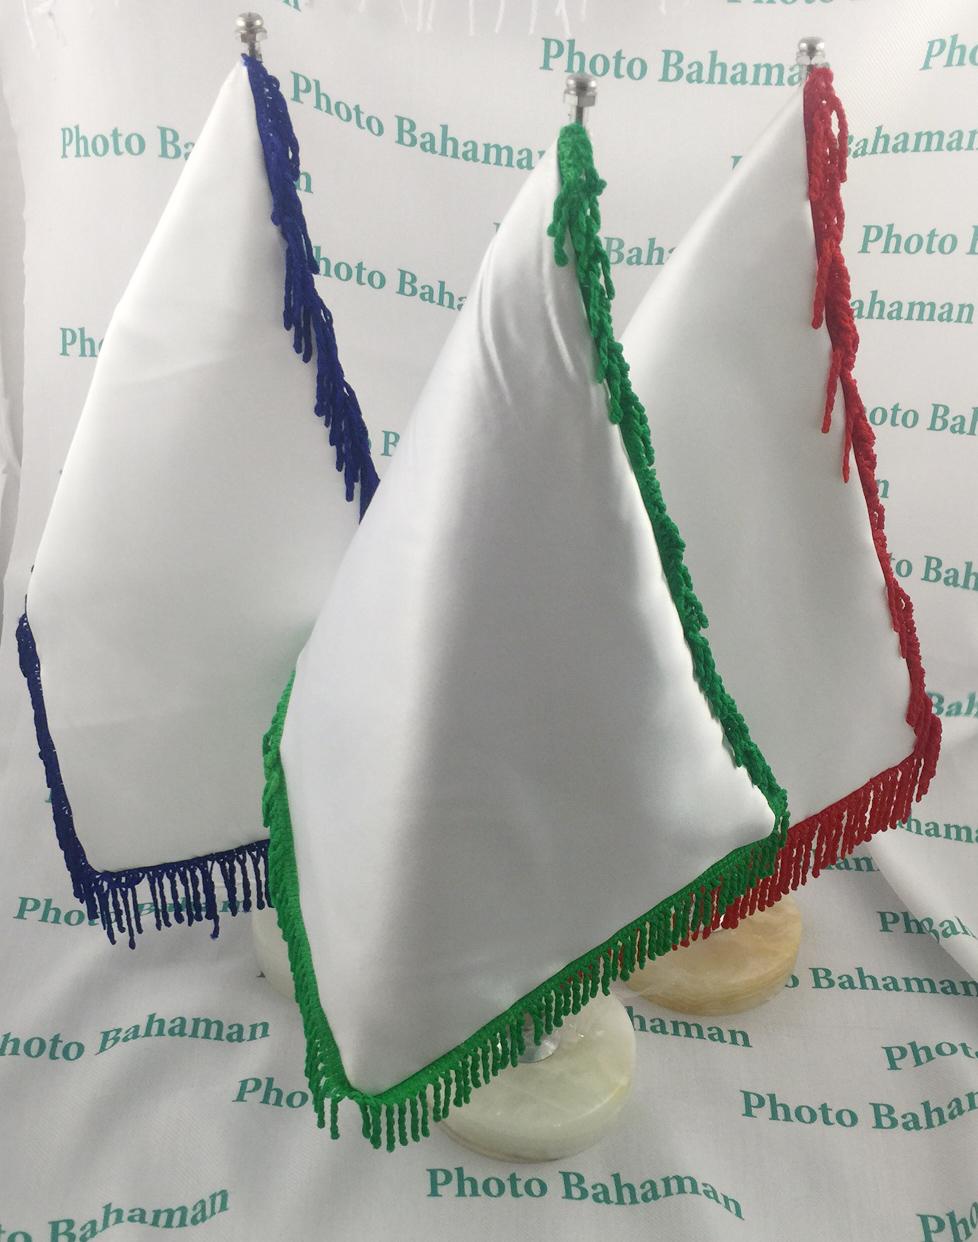 پرچم رومیزی،پرچم رومیزی خام،چاپ پرچم،فروش پرچم رومیزی